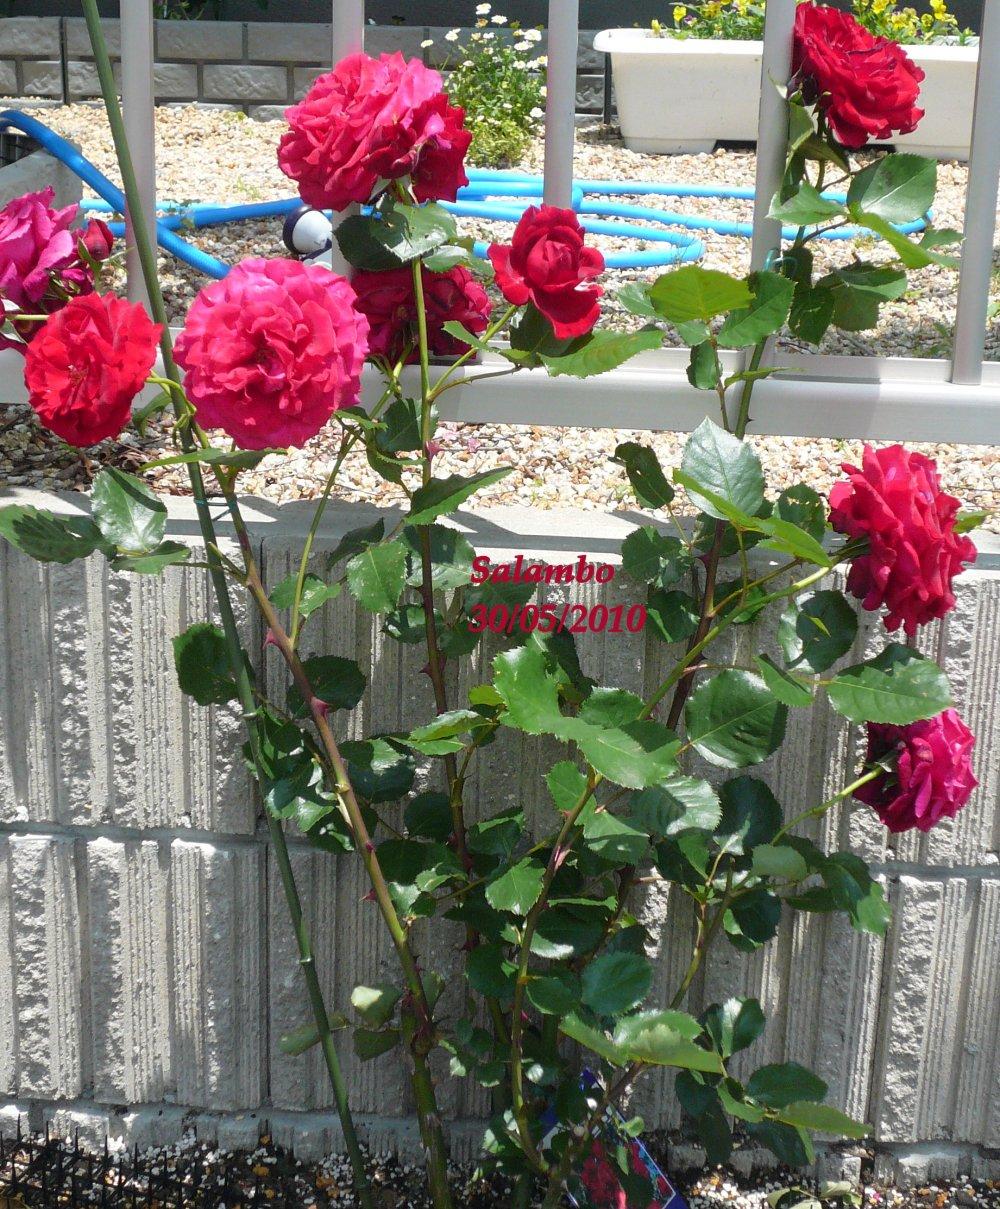 Minhas Rosasminhas floresmeu jardim variedades de rosas e suas